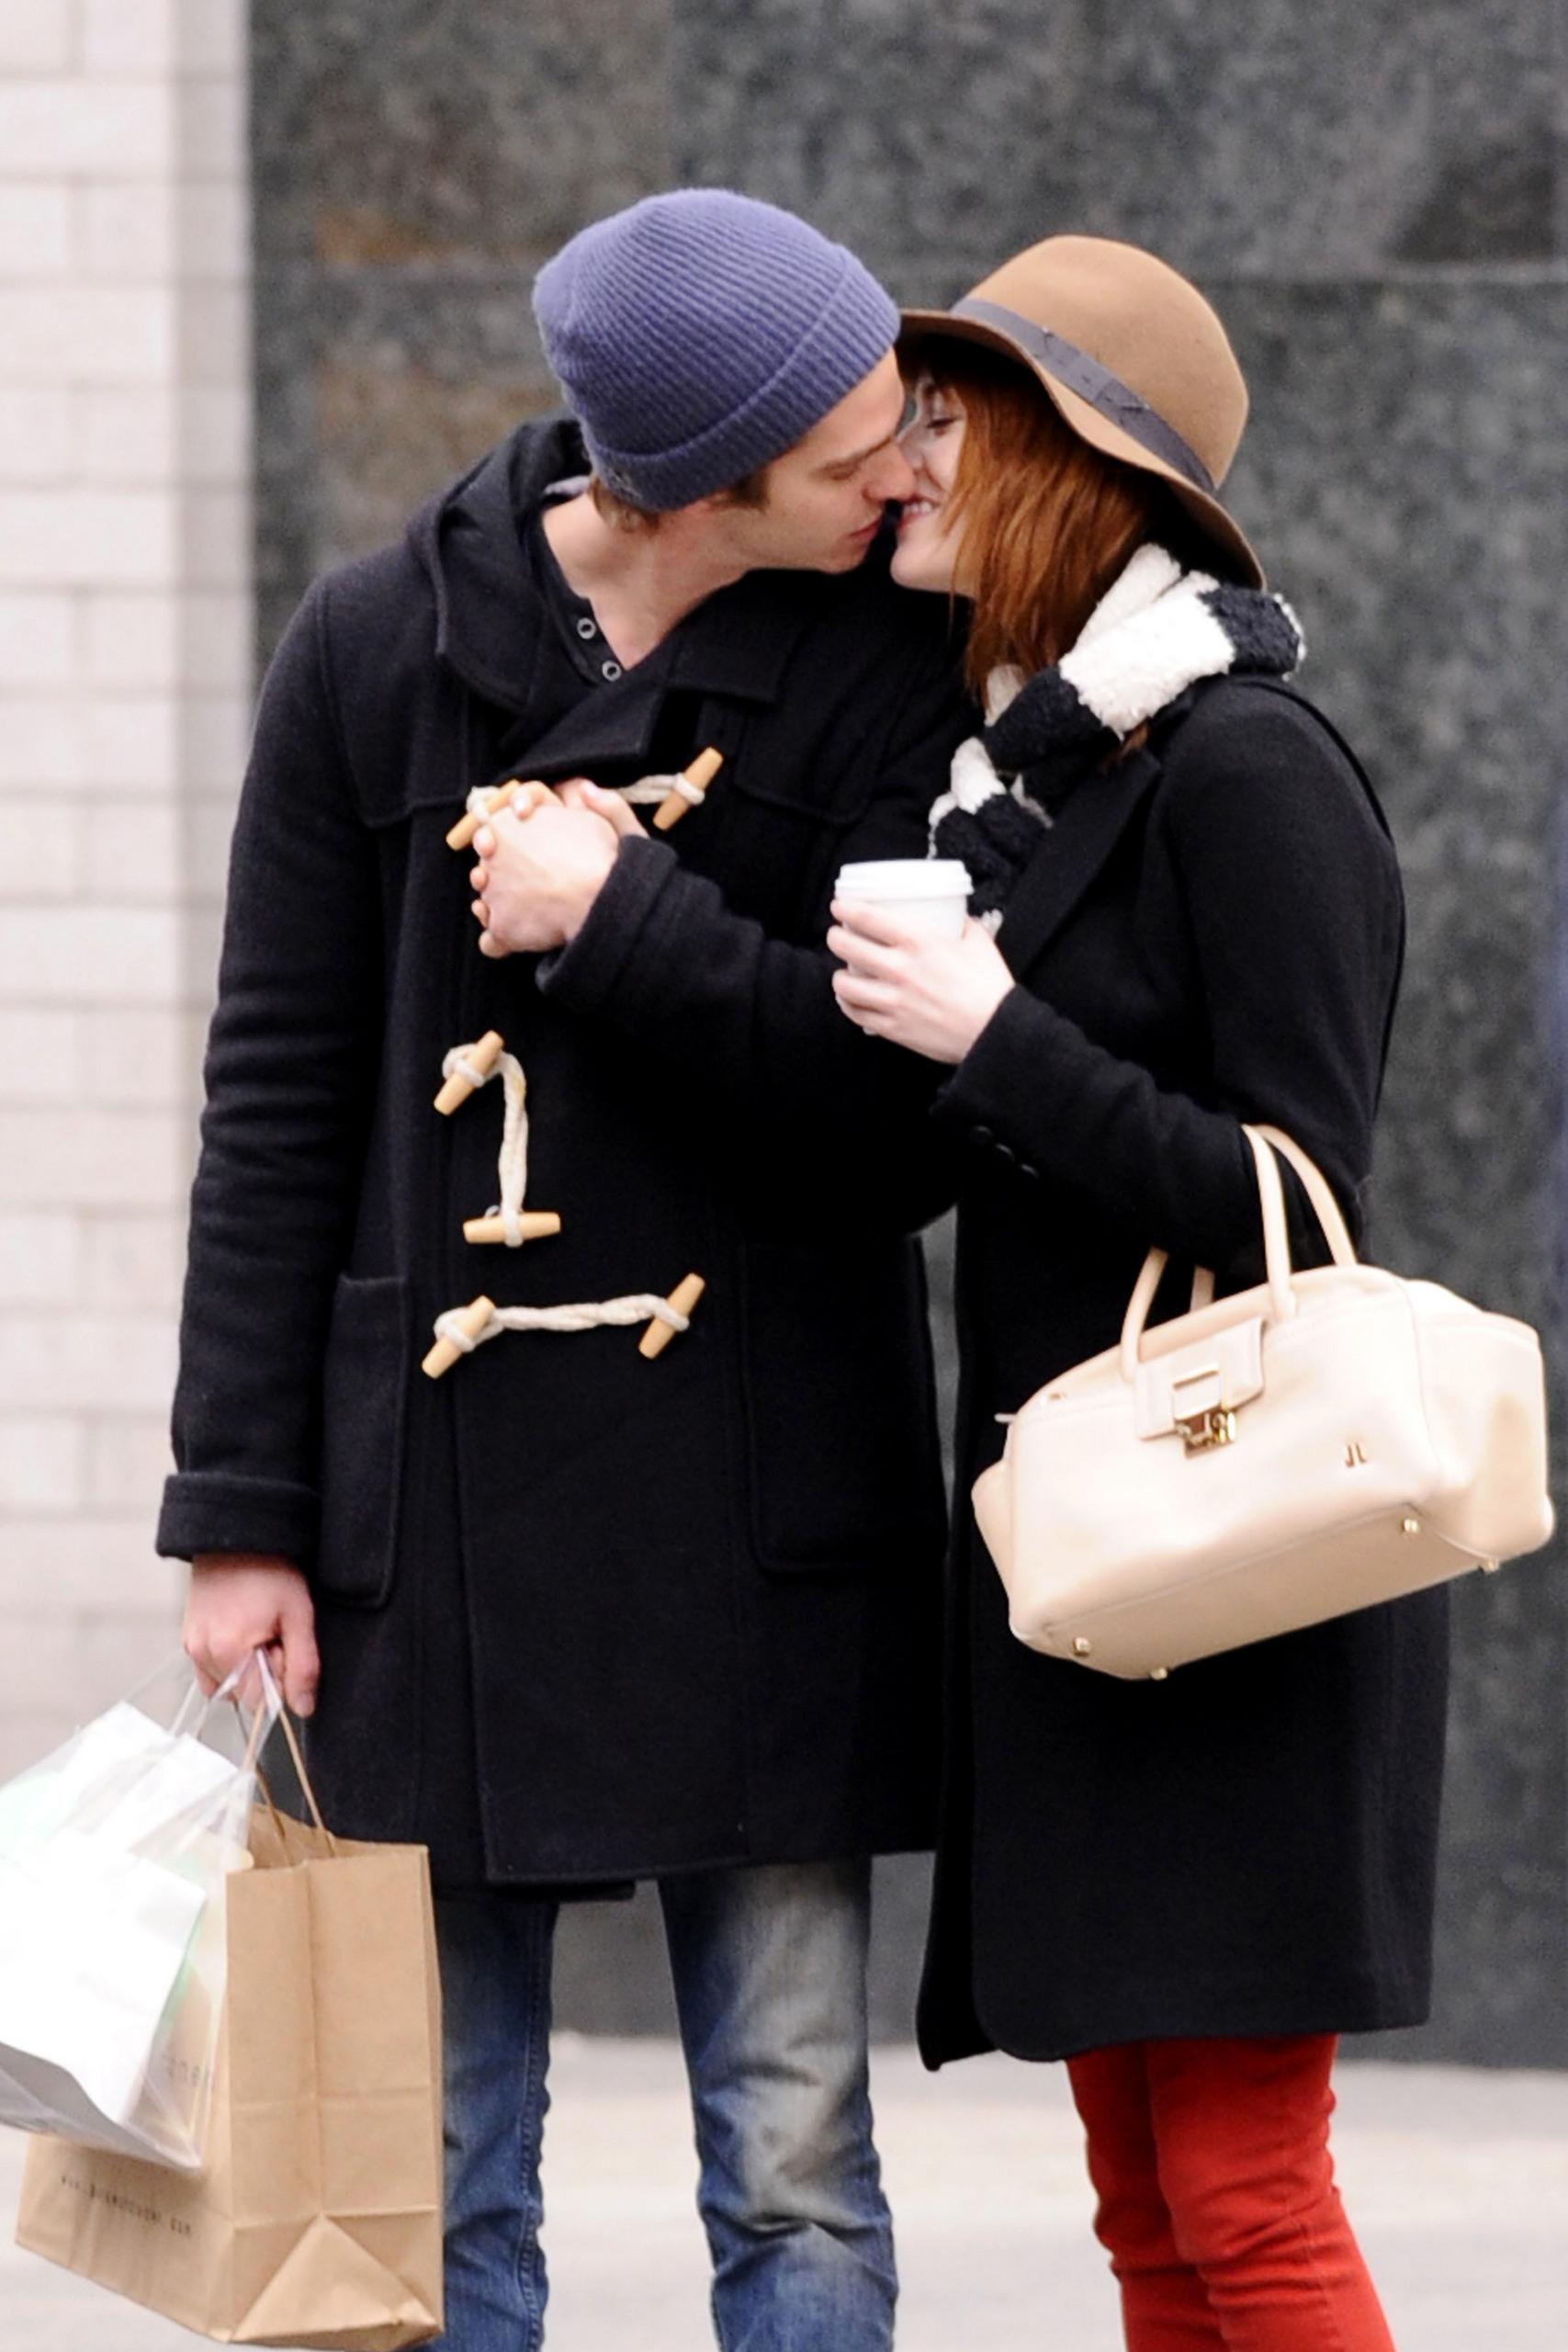 A&E - kissing